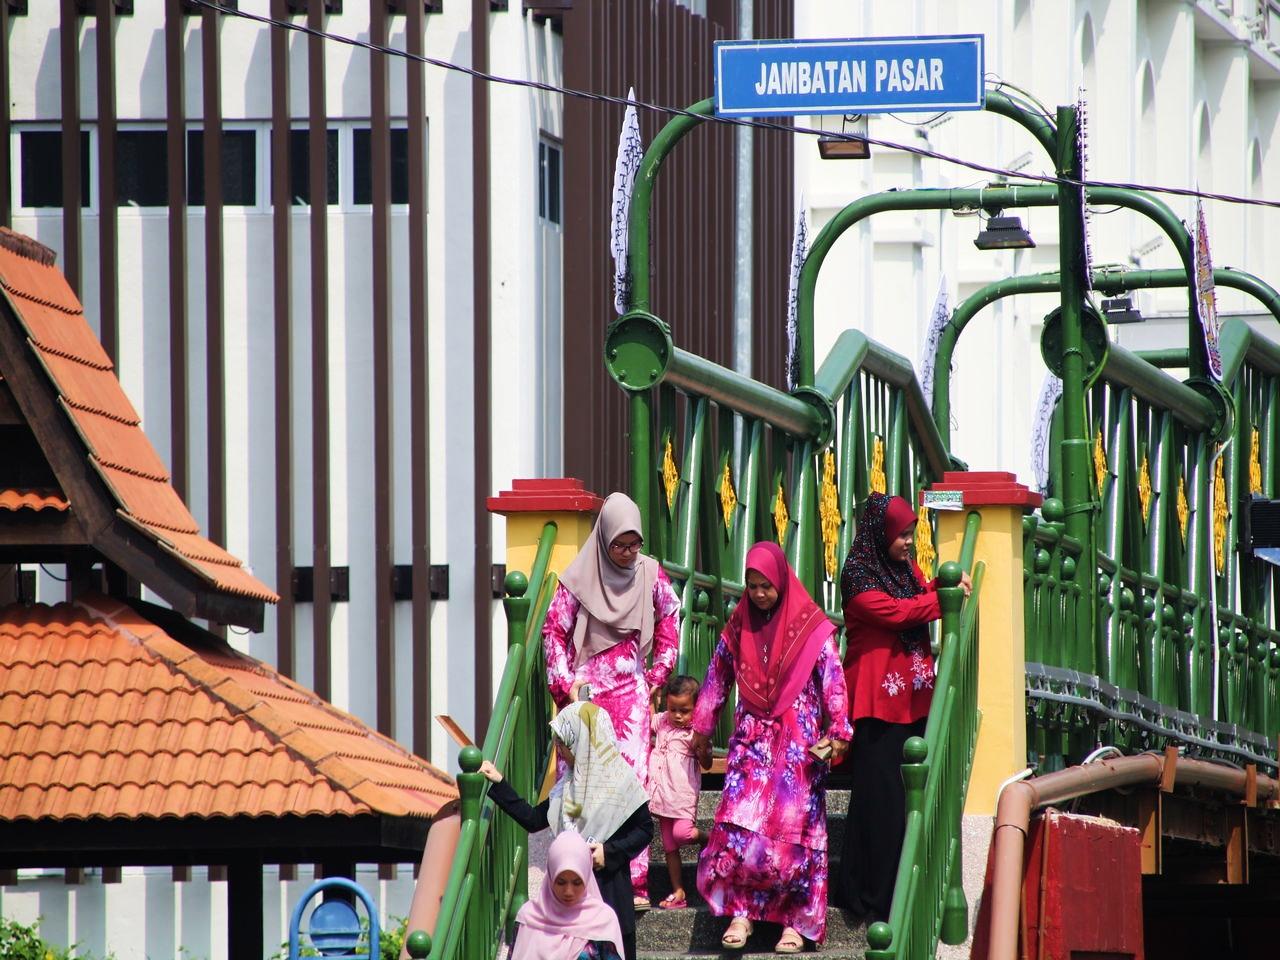 Jambatan Pasar es un puente con vistas espectaculares al río de Malaca.